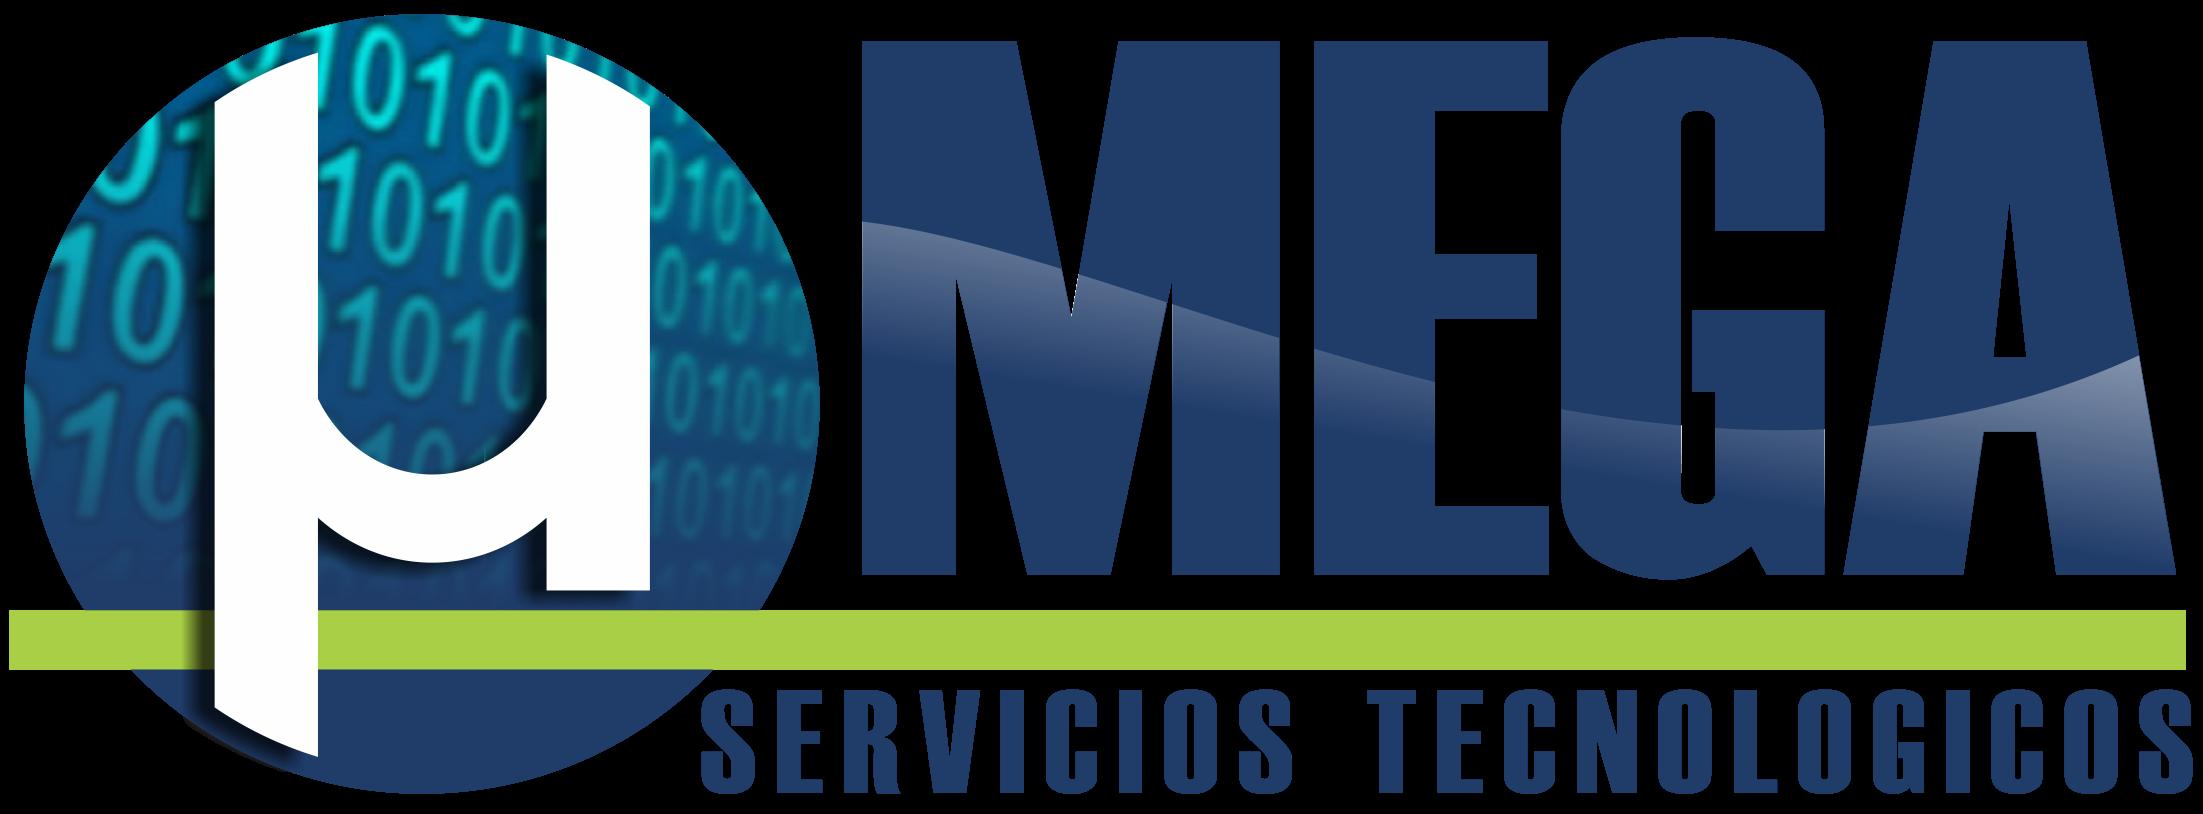 MEGA Servicios Tecnologicos